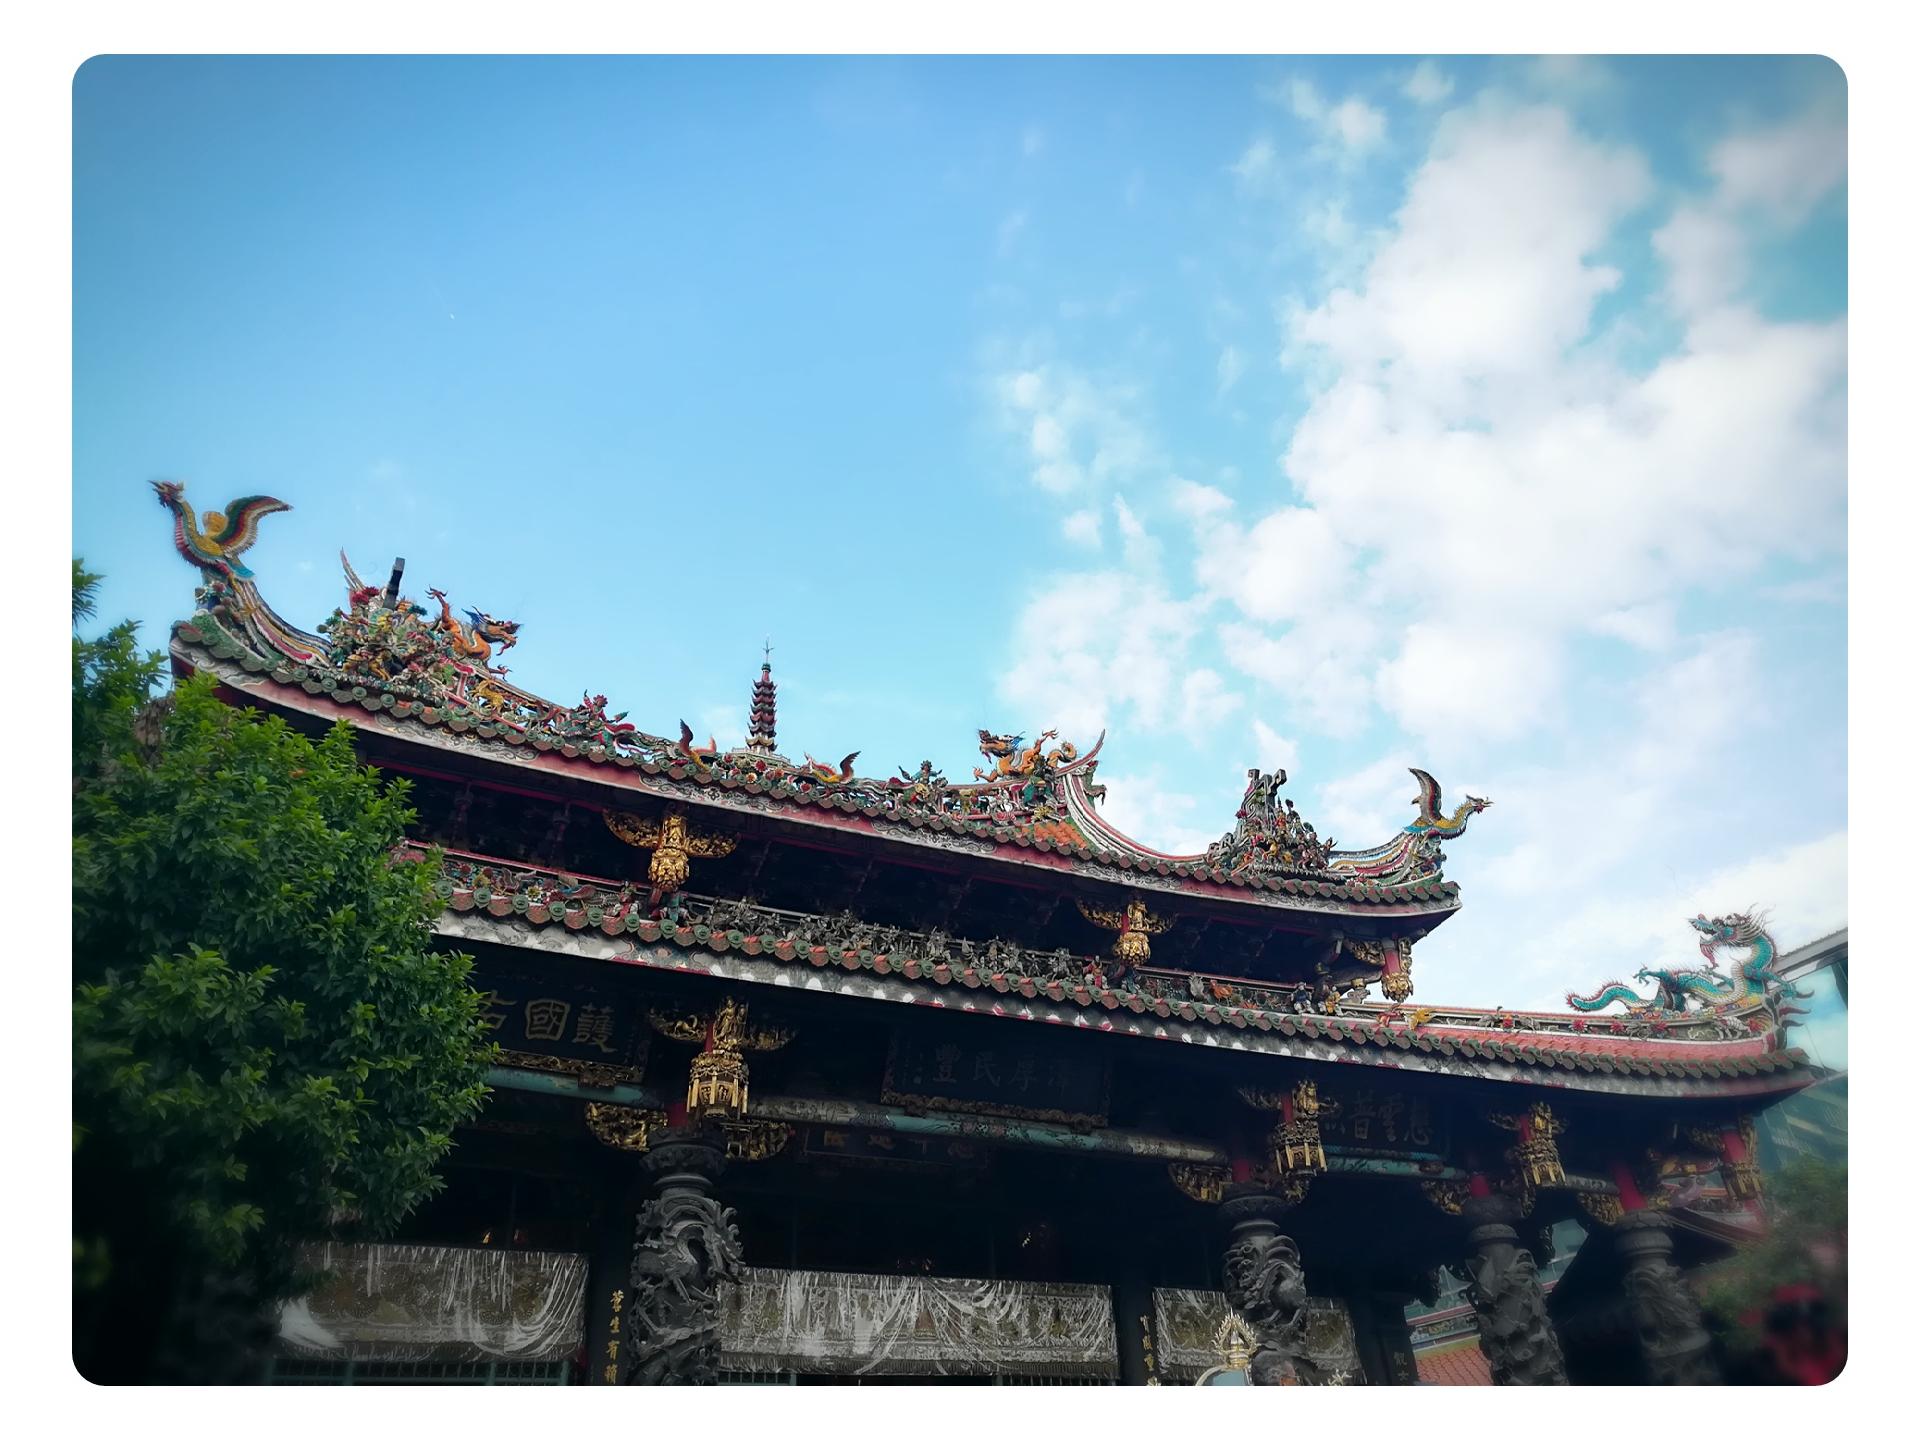 超夯干货 台湾蜜月之旅 台北-台南-高雄,一场古都与都市的穿越(下)